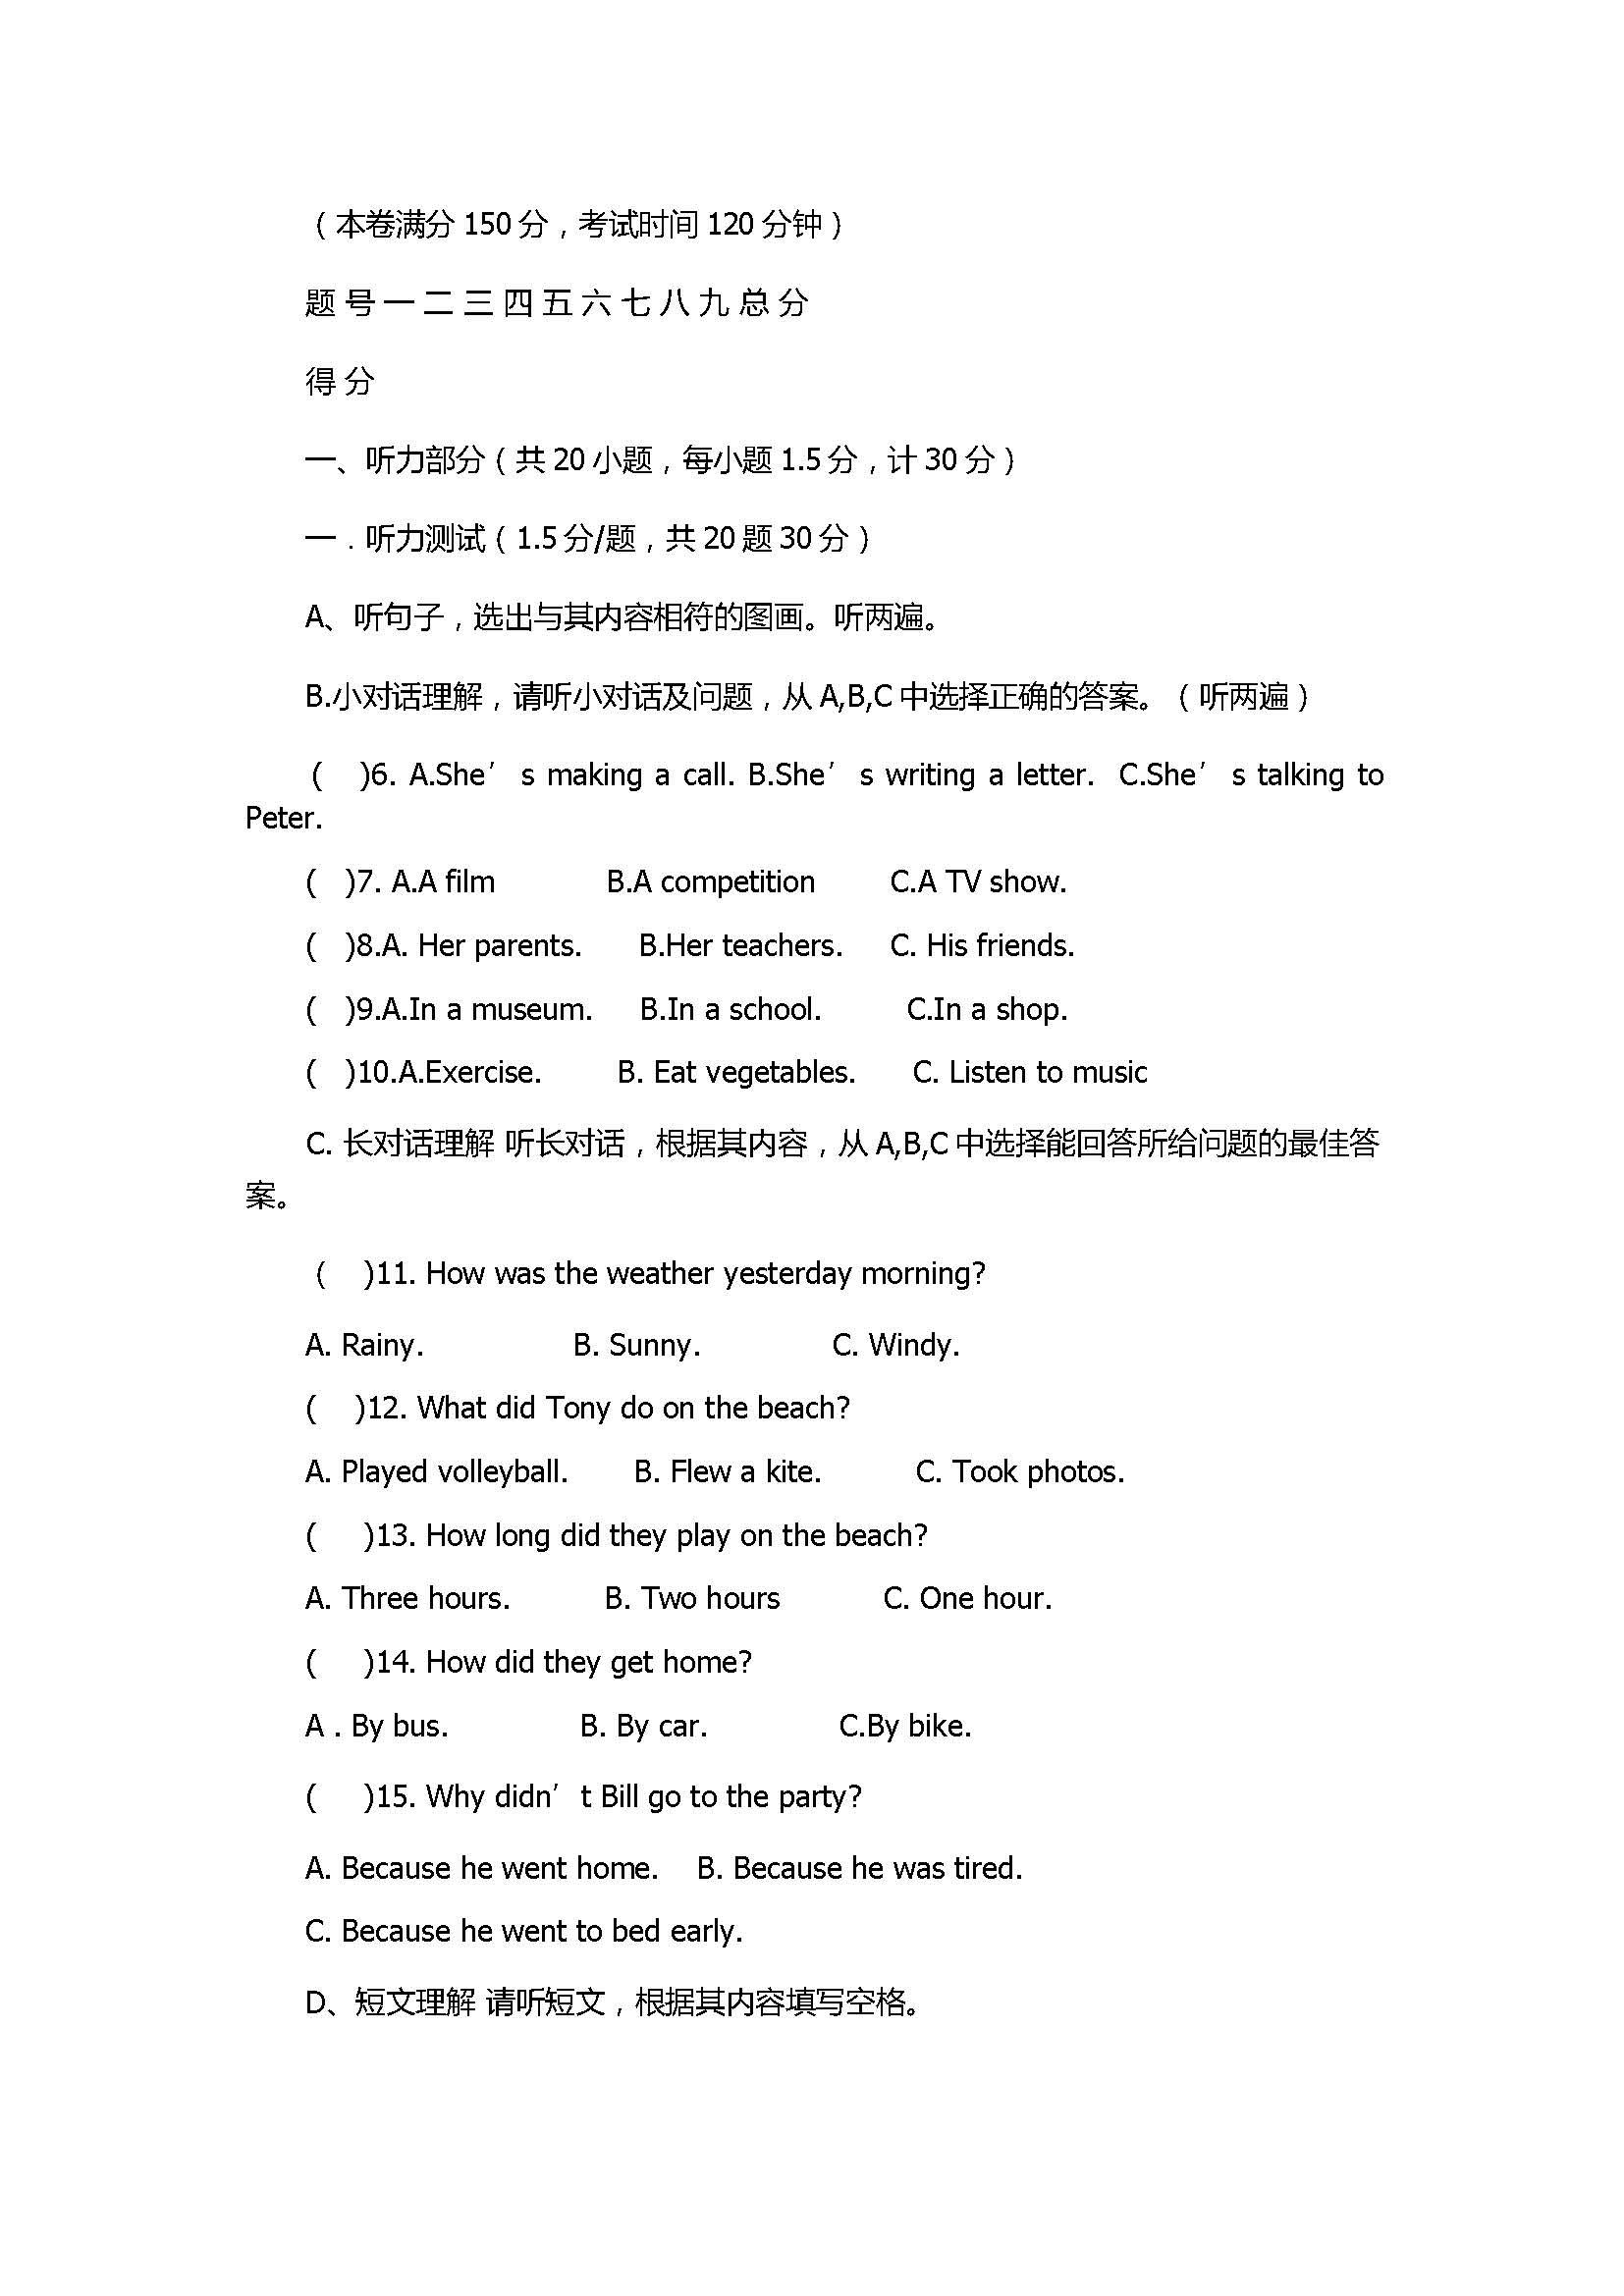 2017八年级英语上册期中测试题带参考答案(贵州省)